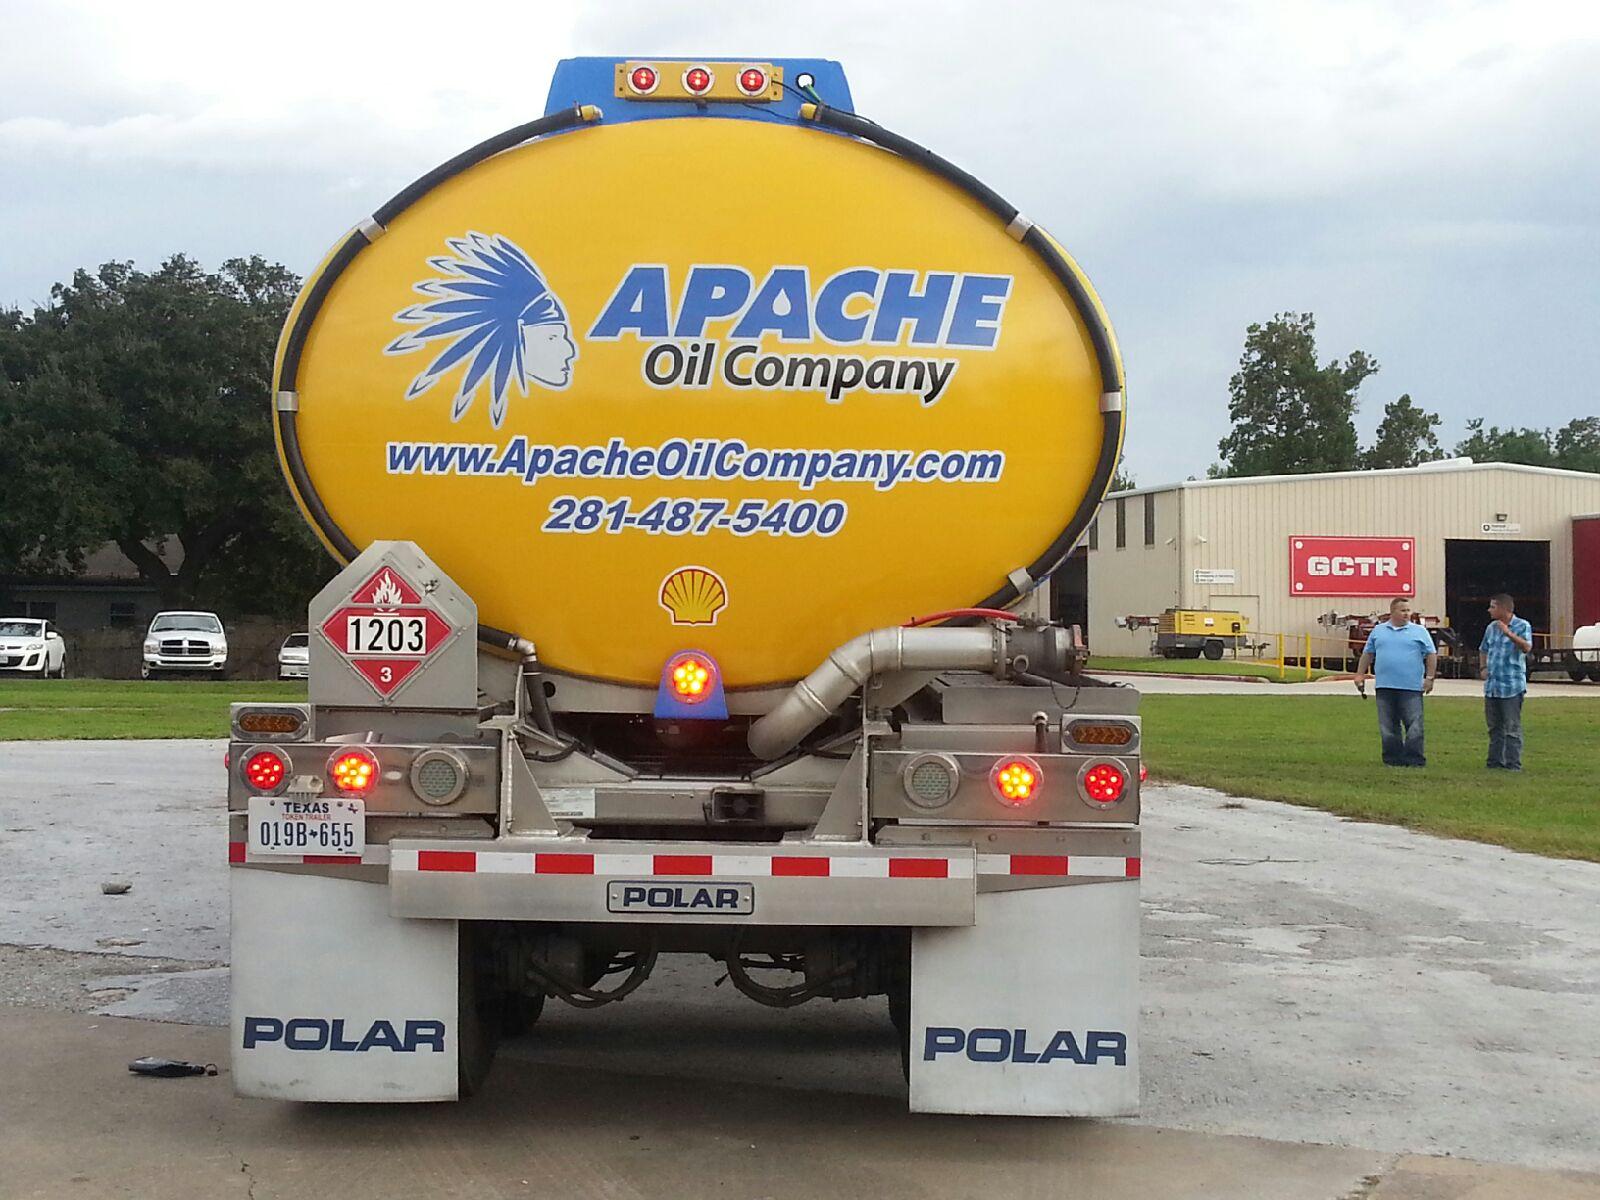 apache-oil-company-fuel-tanker-1600x1200